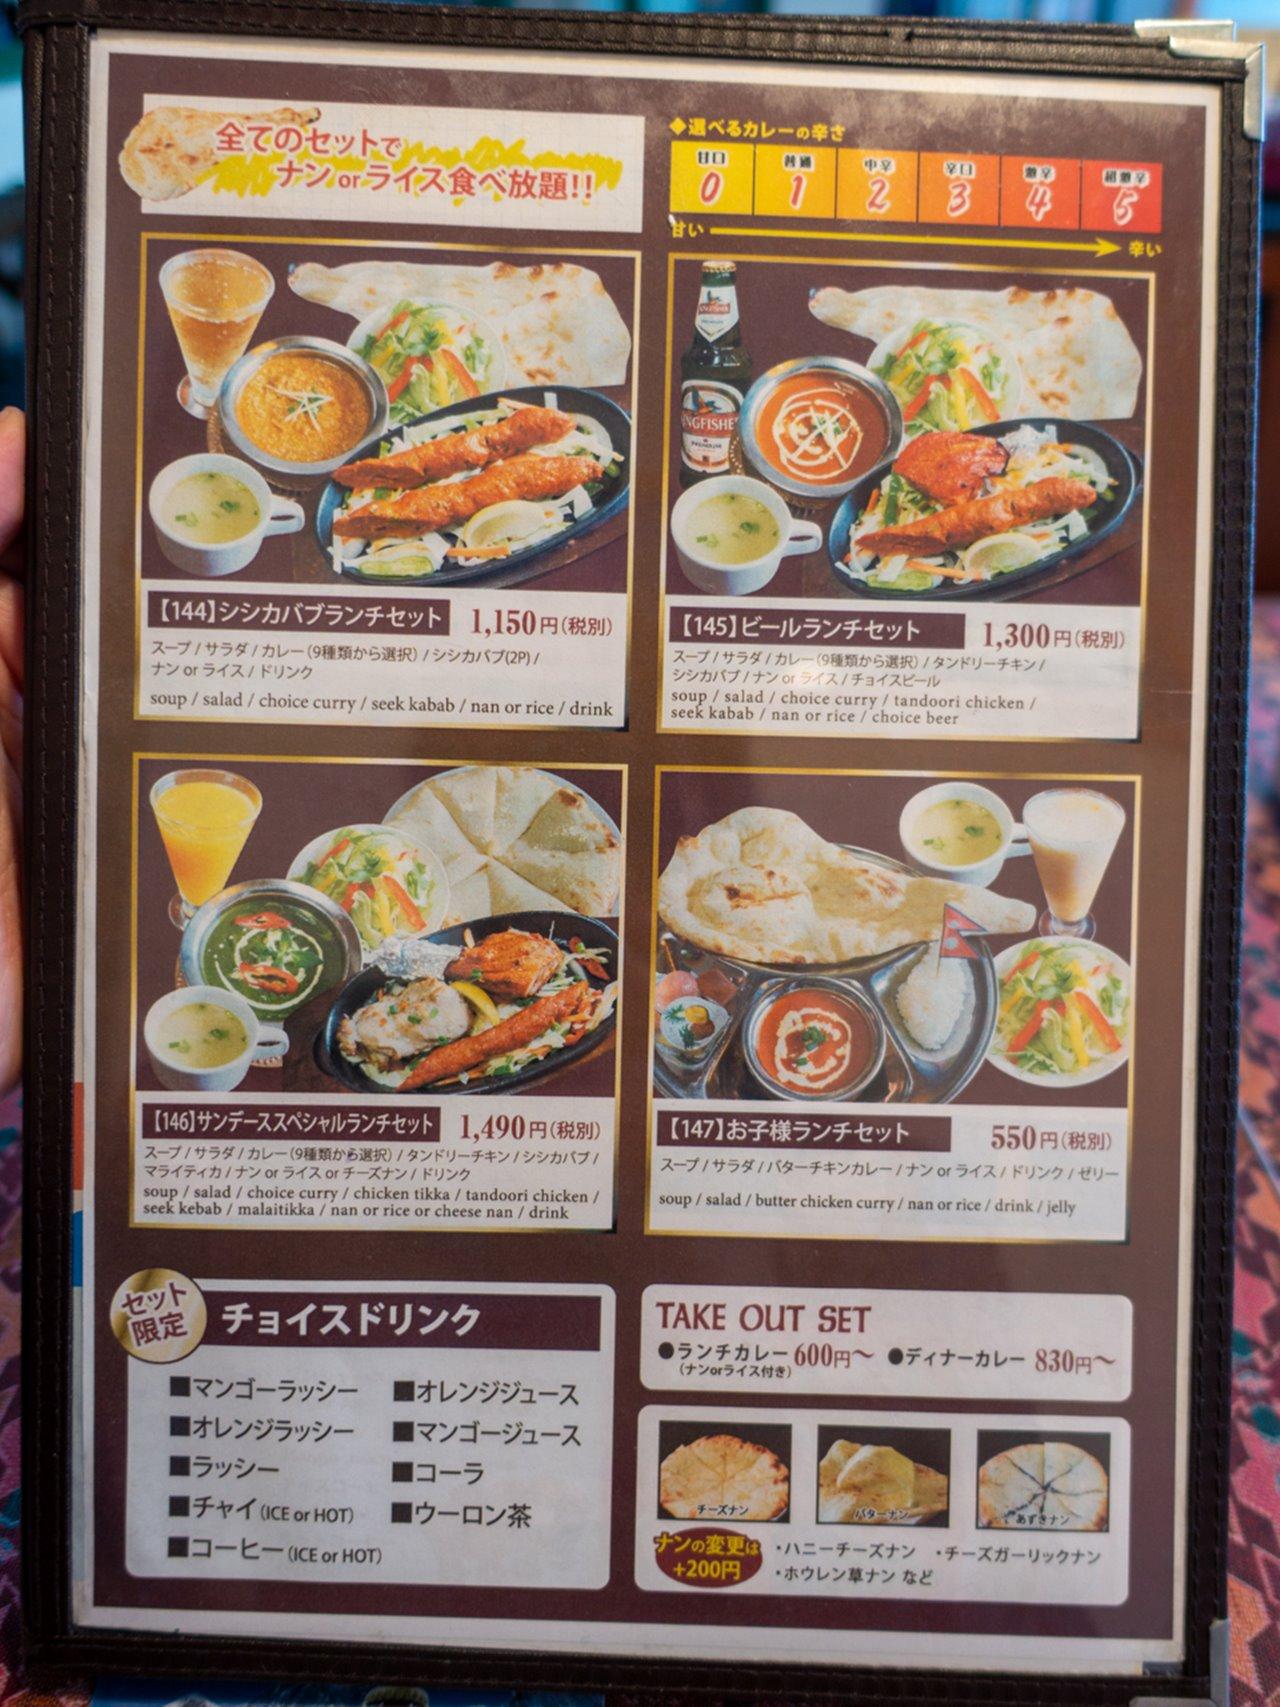 サンデース富士宮店のメニュー